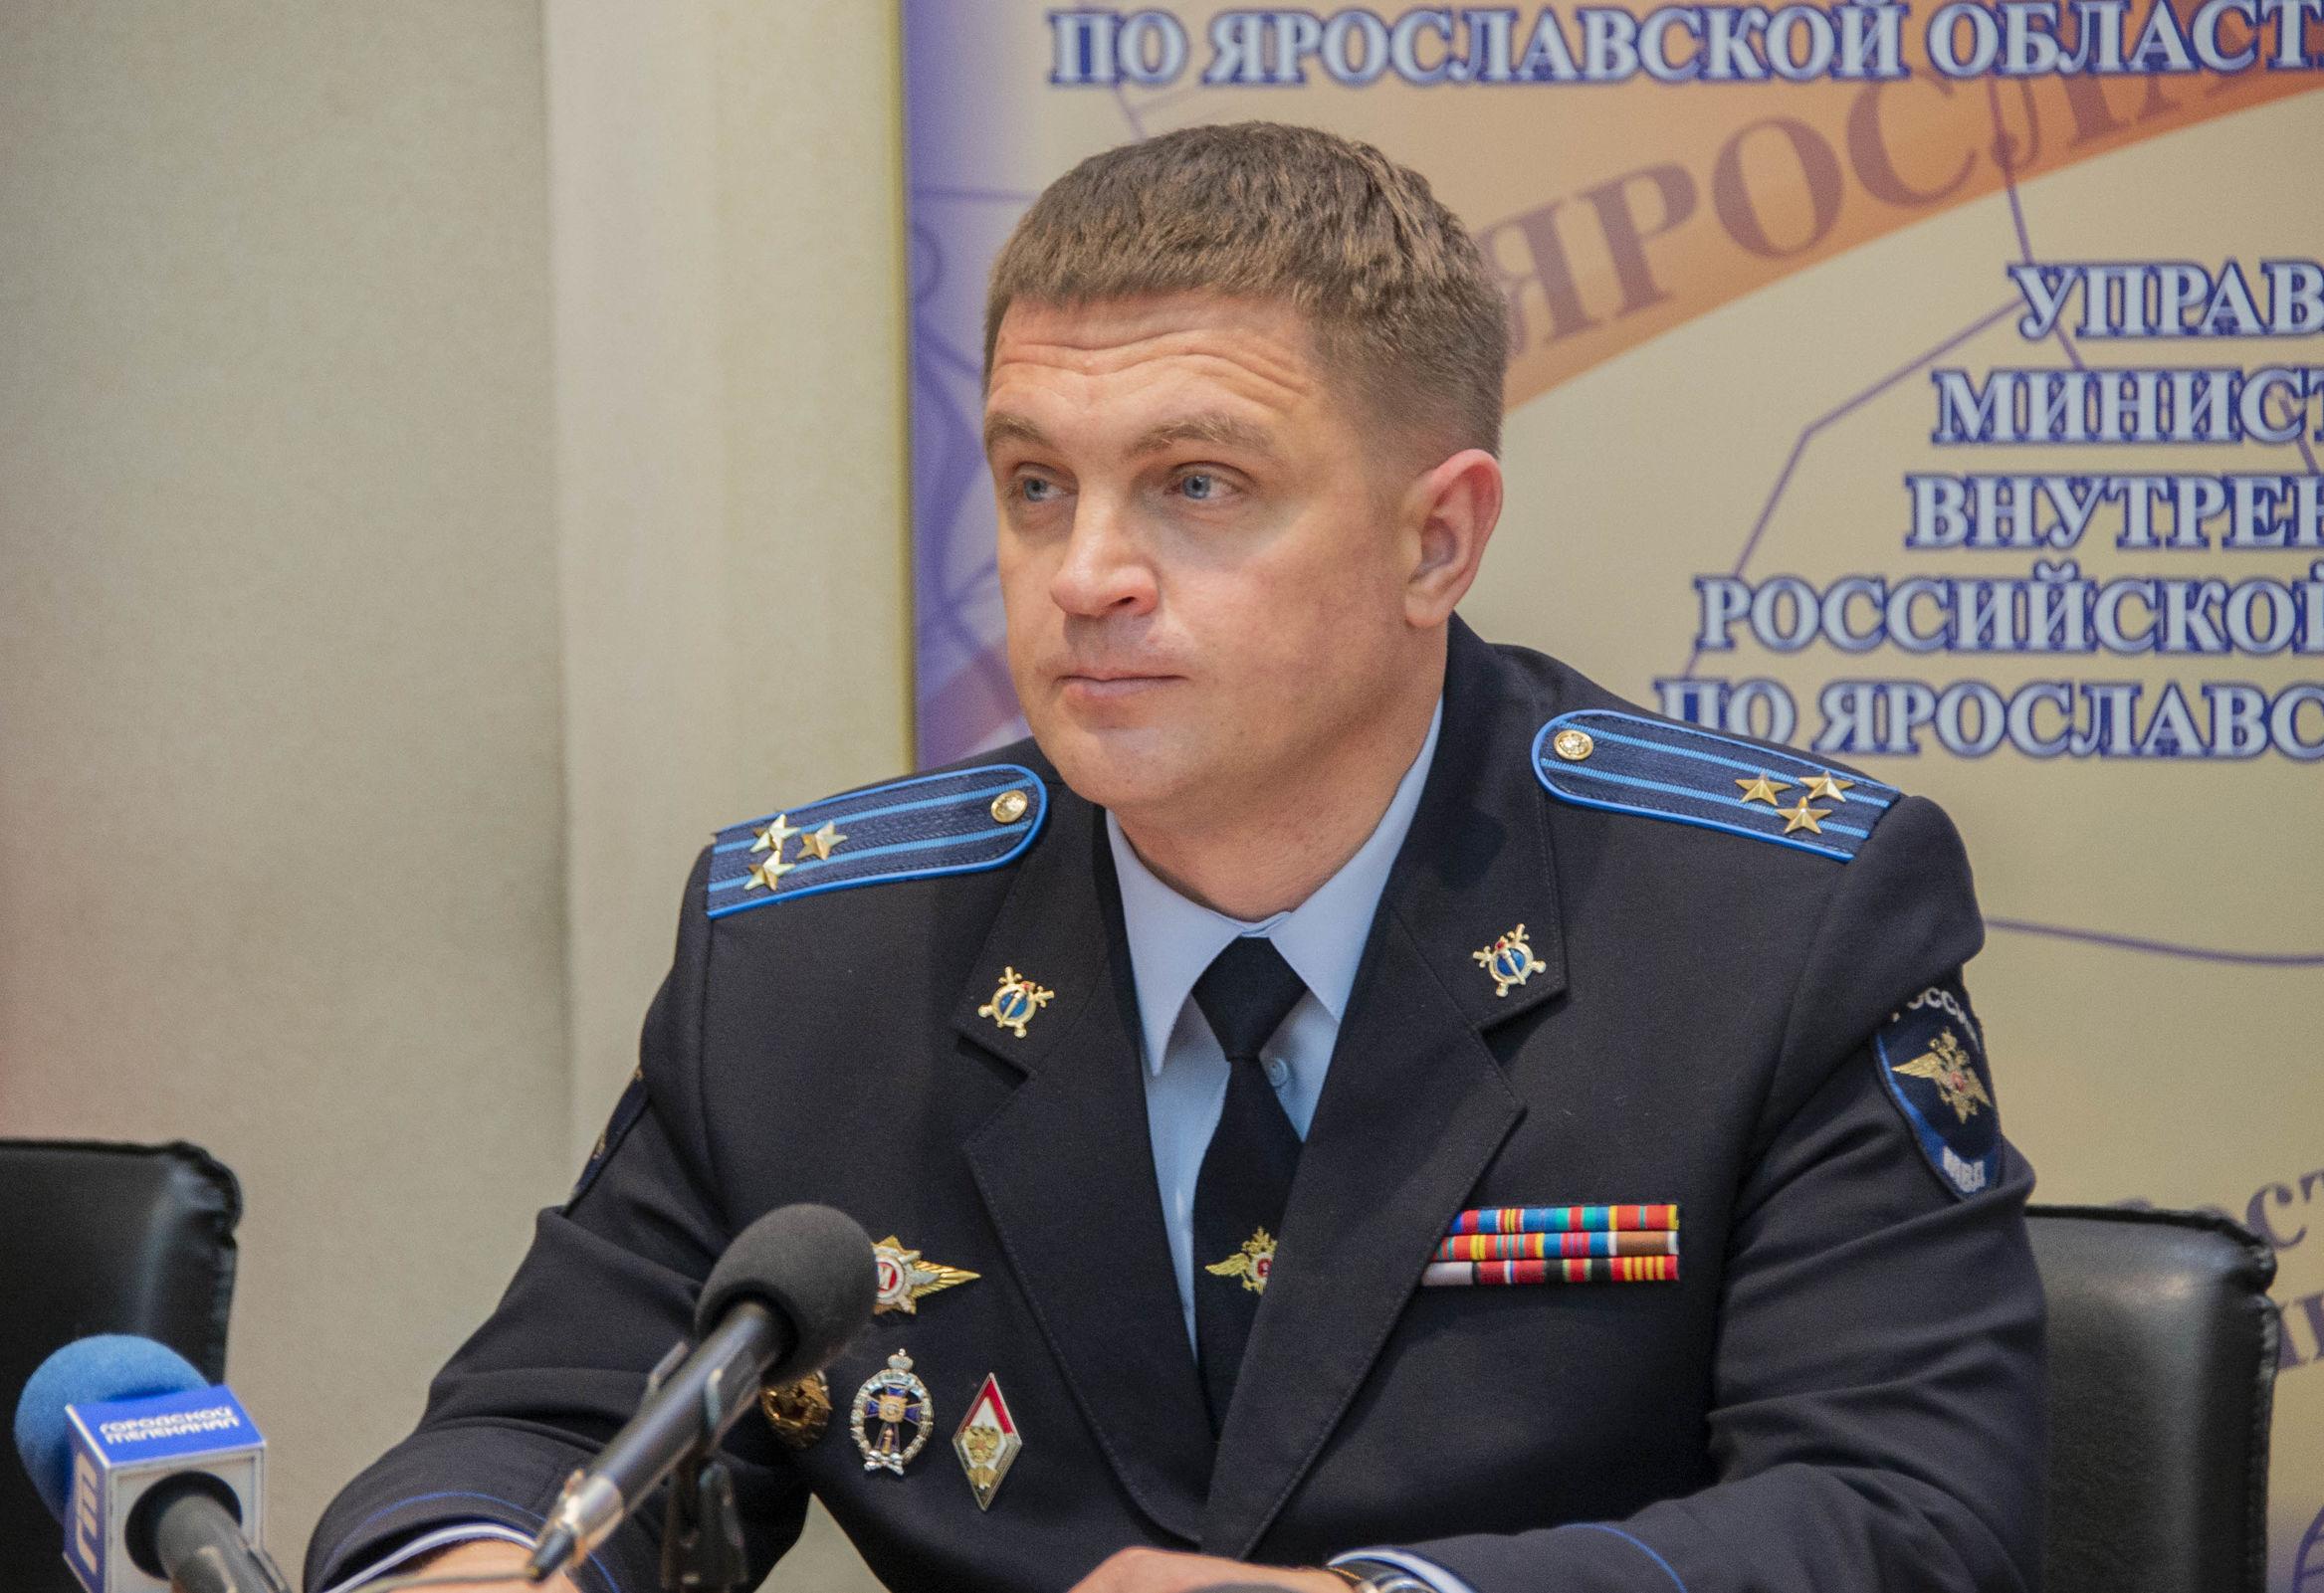 Мошенники в Ярославской области придумывают изощренные способы обмана людей: как не попасться на уловки